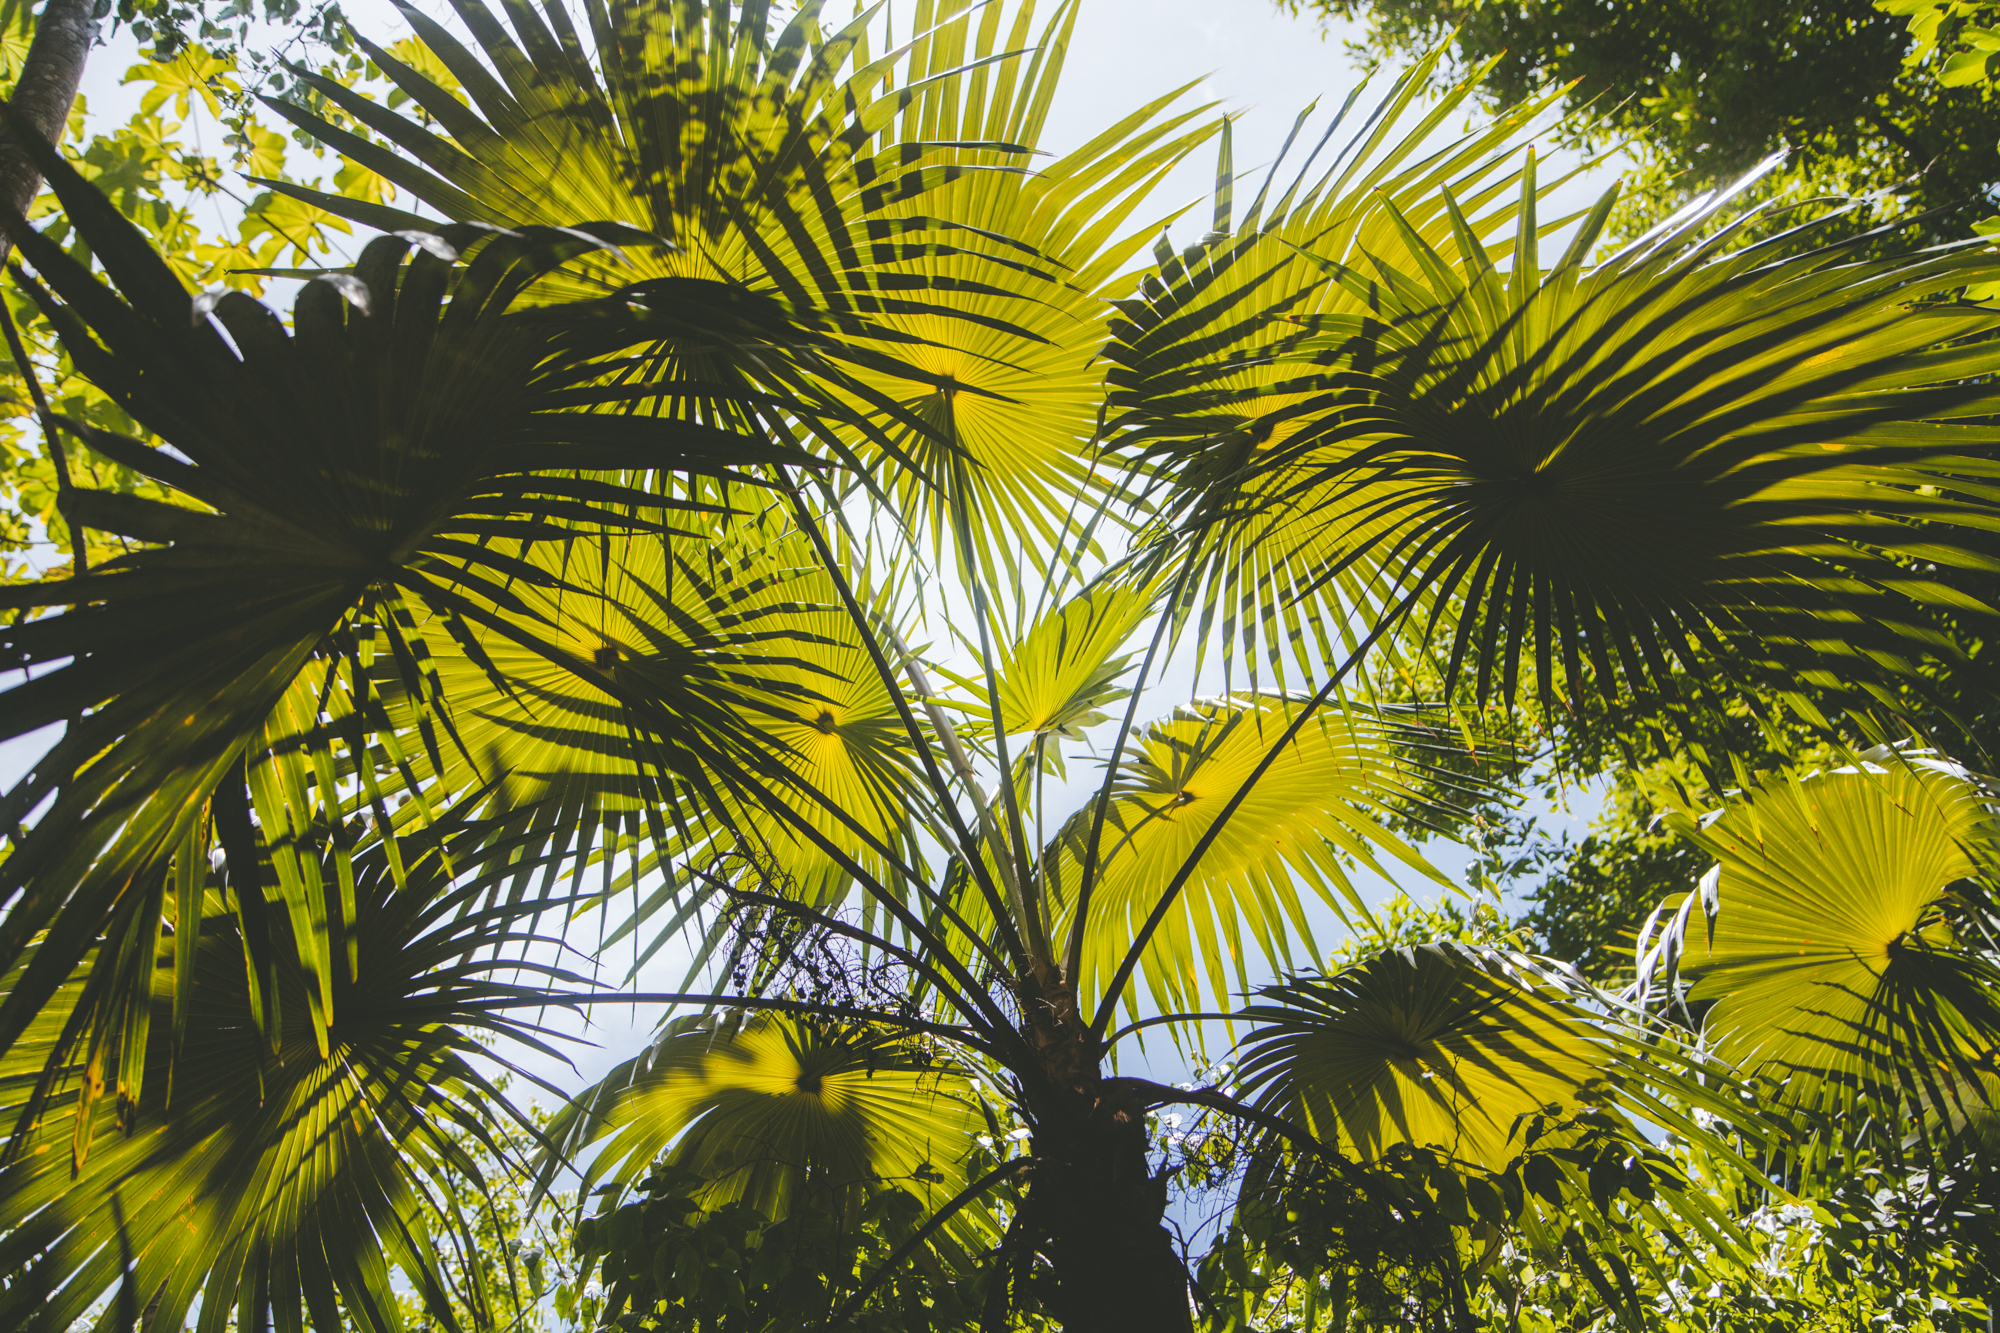 TRINIDAD&TOBAGO_MARIANNA JAMADI-14.jpg